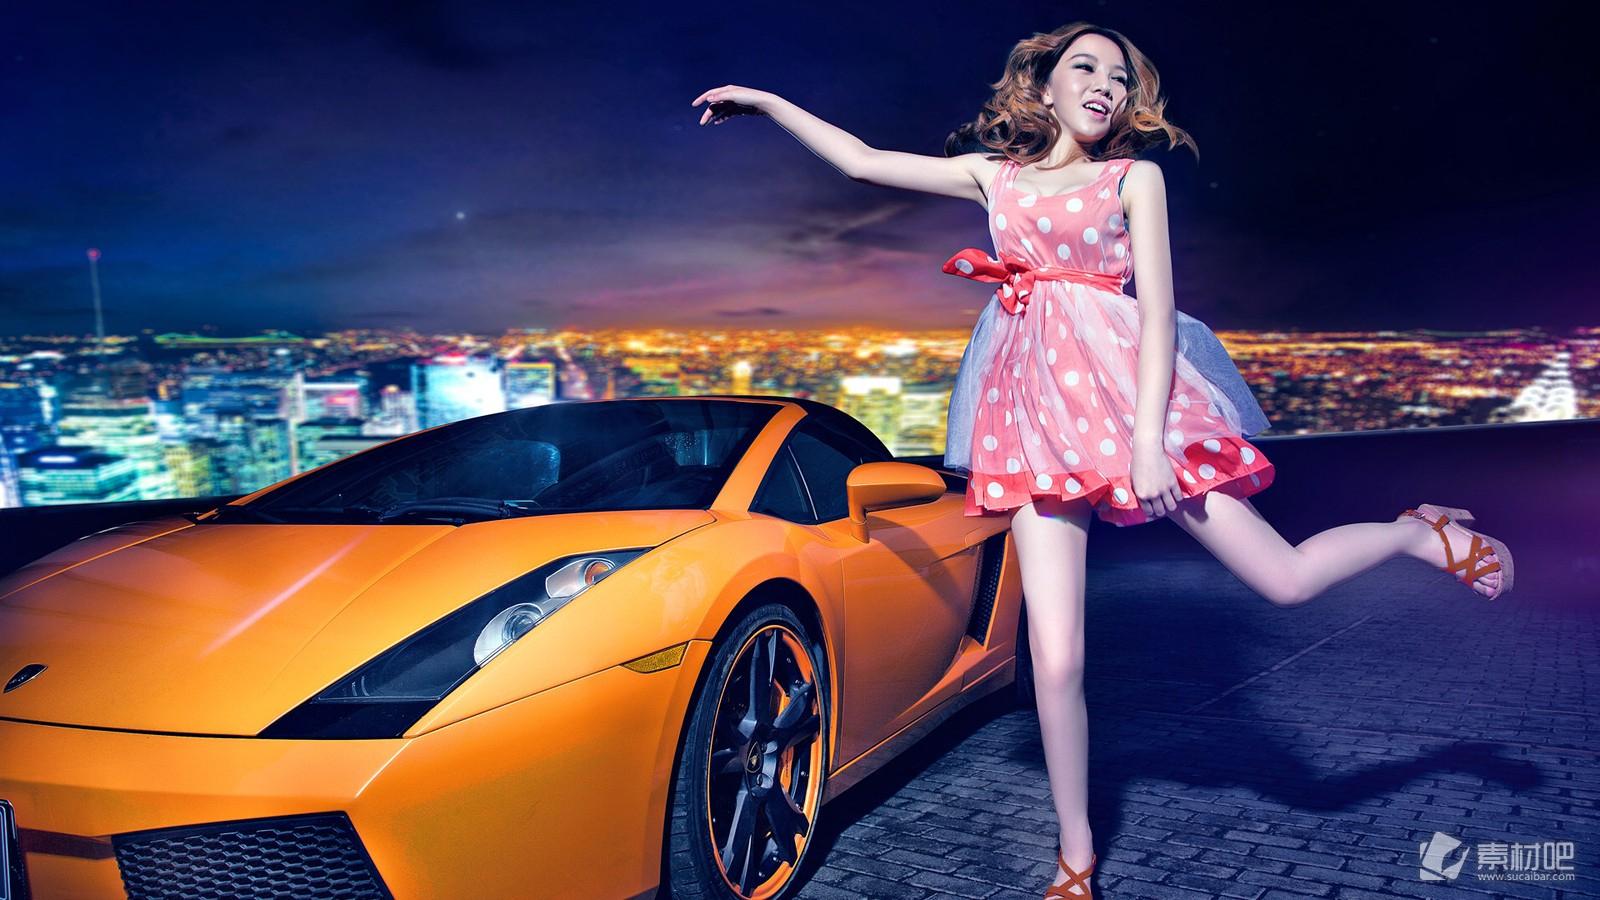 性感美女车模豪车桌面壁纸_美女图片_素材吧